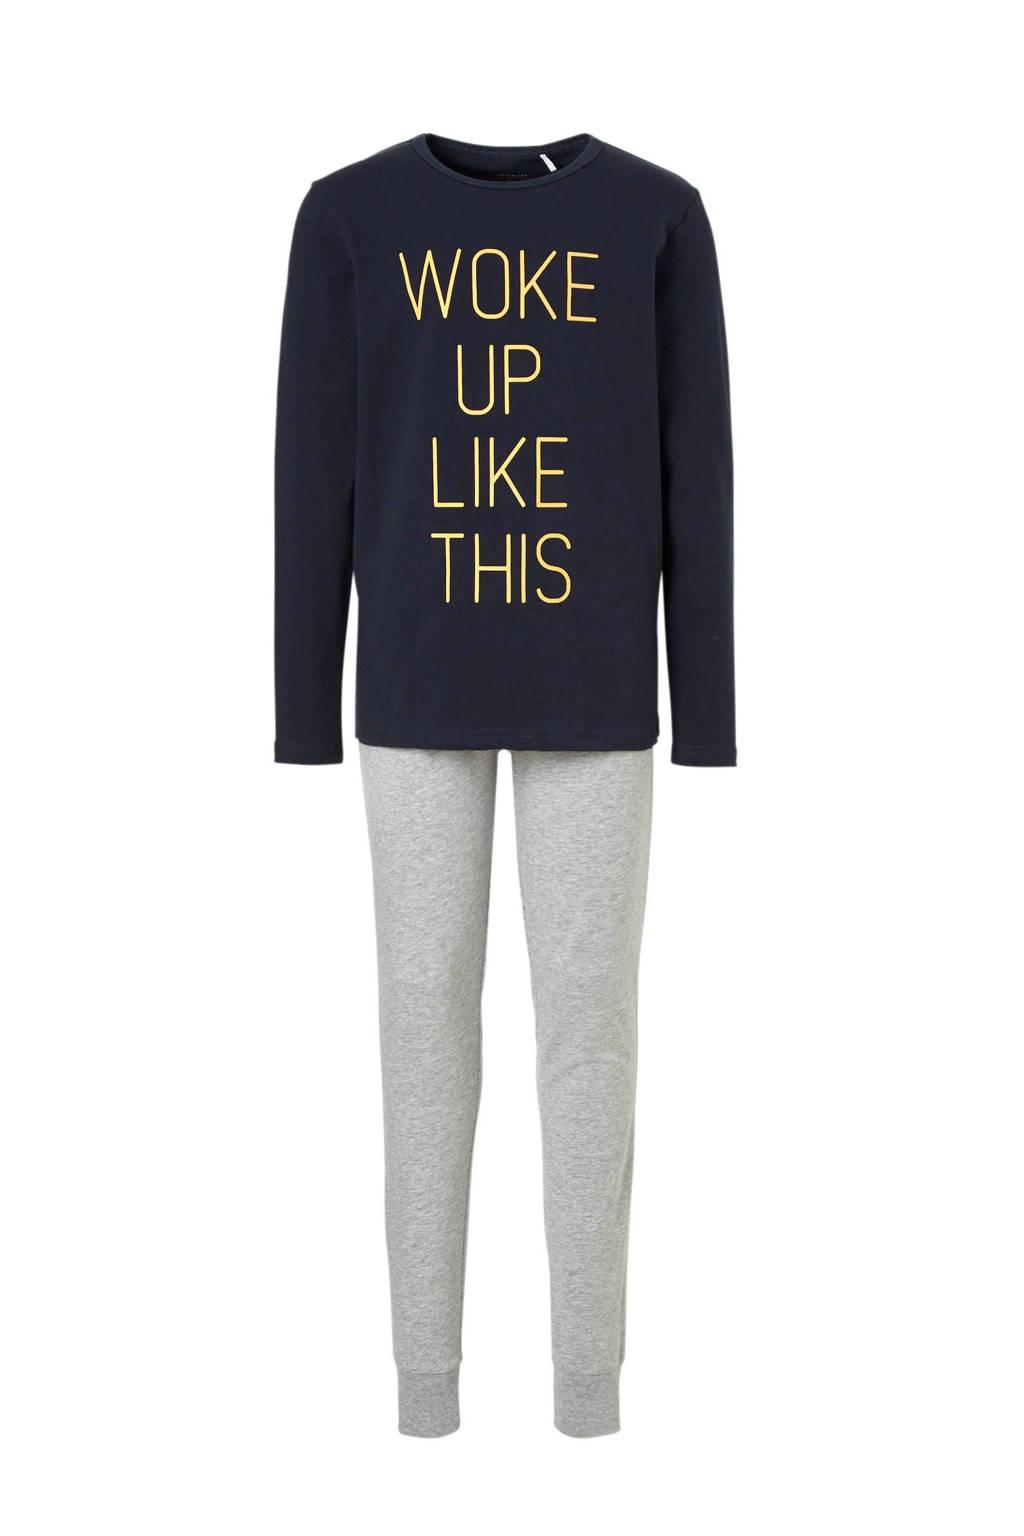 name it   pyjama met tekst blauw, Donkerblauw/grijs